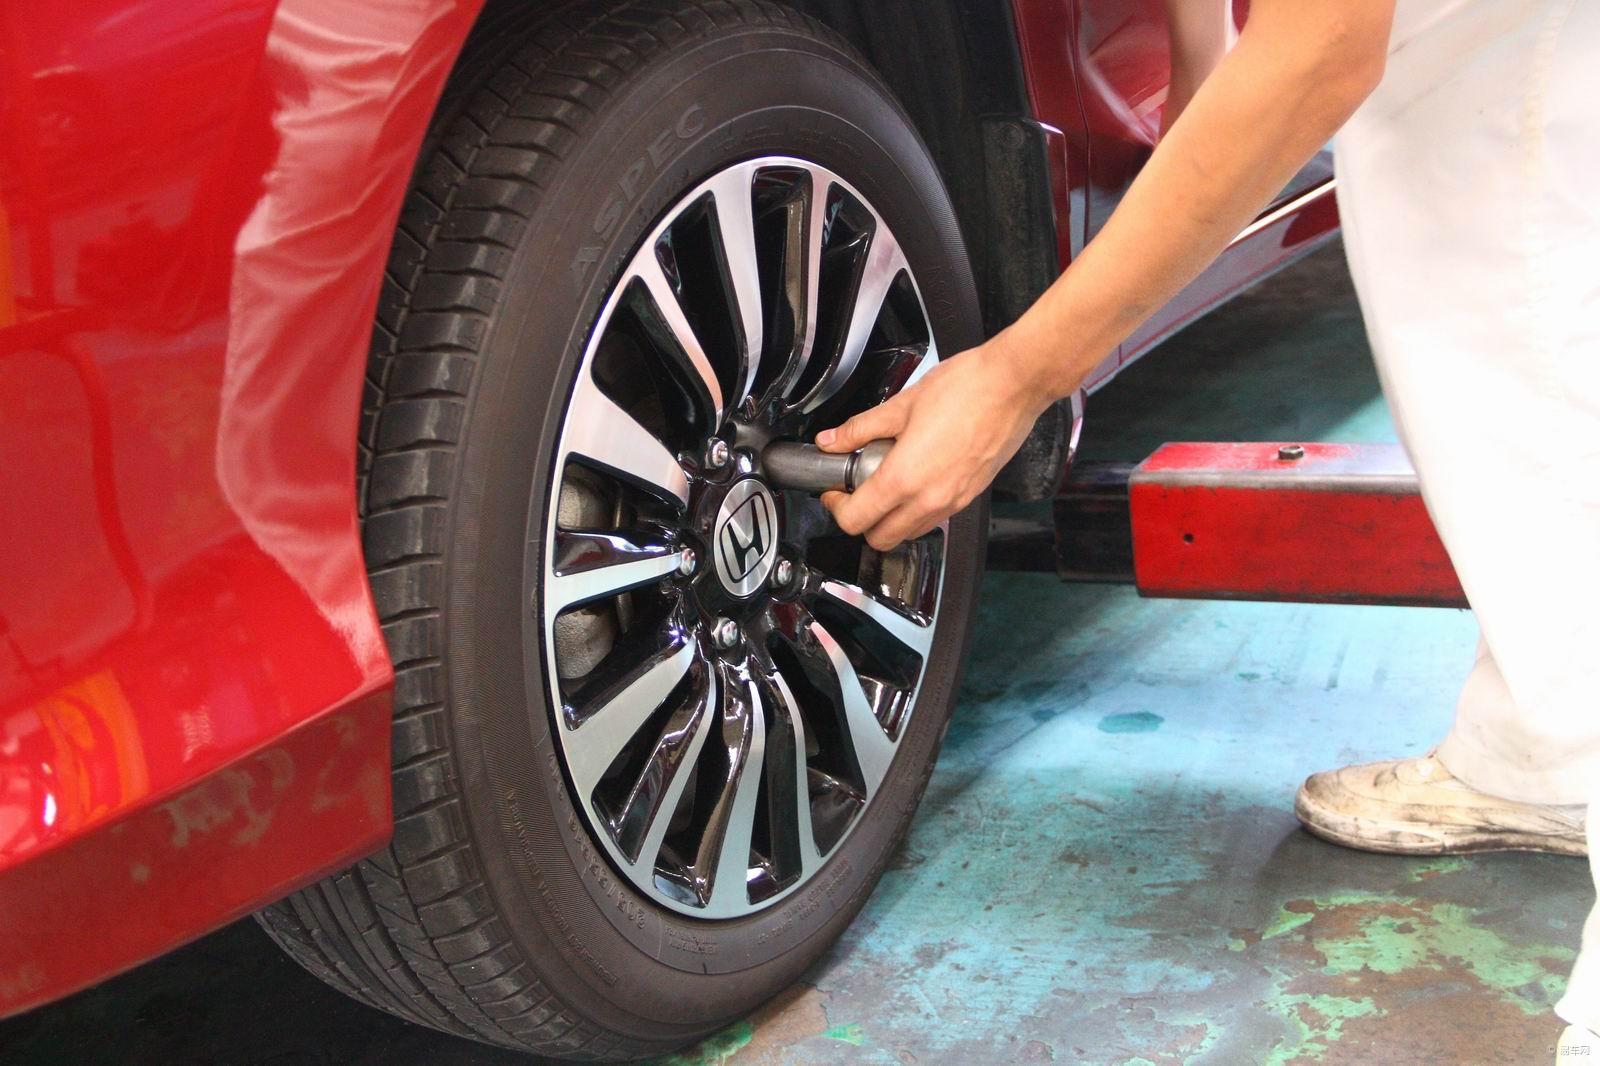 凌派1.8AT版本的综合油耗为7.8L/100km,以测试期间广东省93号汽油均价7.8元/升计算,凌派每公里的燃油成本仅为0.6元,在同级别1.8L排量车型中表现相当优秀。 第二部分: 恰好我们测试车的总里程也接近5000km的厂方首保里程,我们决定随机挑选一家4S店进行保养方面的了解和调查。在一个周末的上午,我们来到了广汽本田天河店,这是广州地区第一家本田汽车特约维修站和零部件特约经销商。周末前来维修保养的车主很多,尽管我们没有提前电话预约,但接待人员依然十分热情地为我们记录并安排保养项目。    在